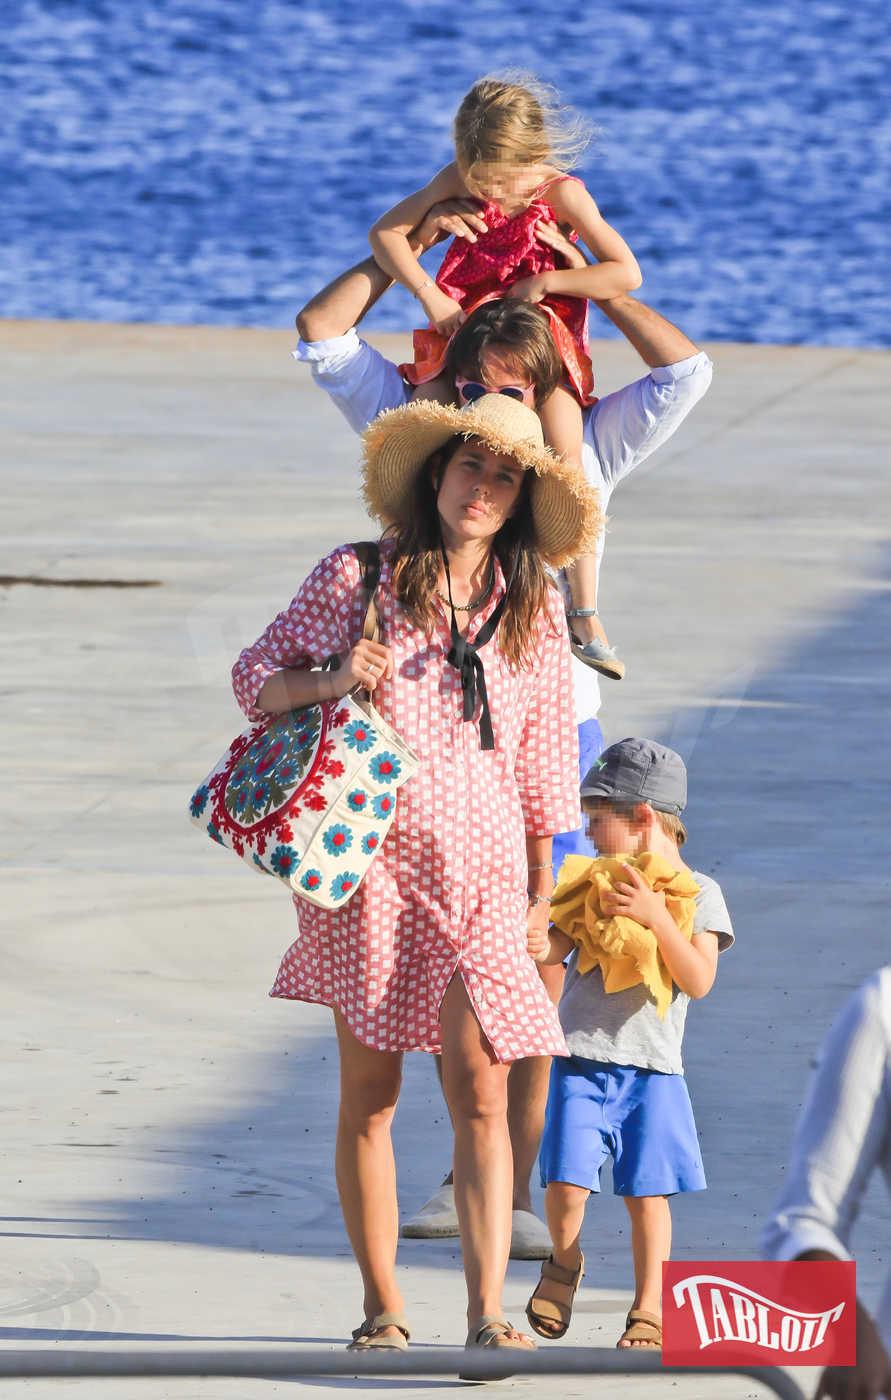 Dimitri e Charlotte si sposeranno la prossima estate a Pantelleria, dove la mamma di lui, la celebre attrice francese Carole Bouquet, ha una tenuta vinicola